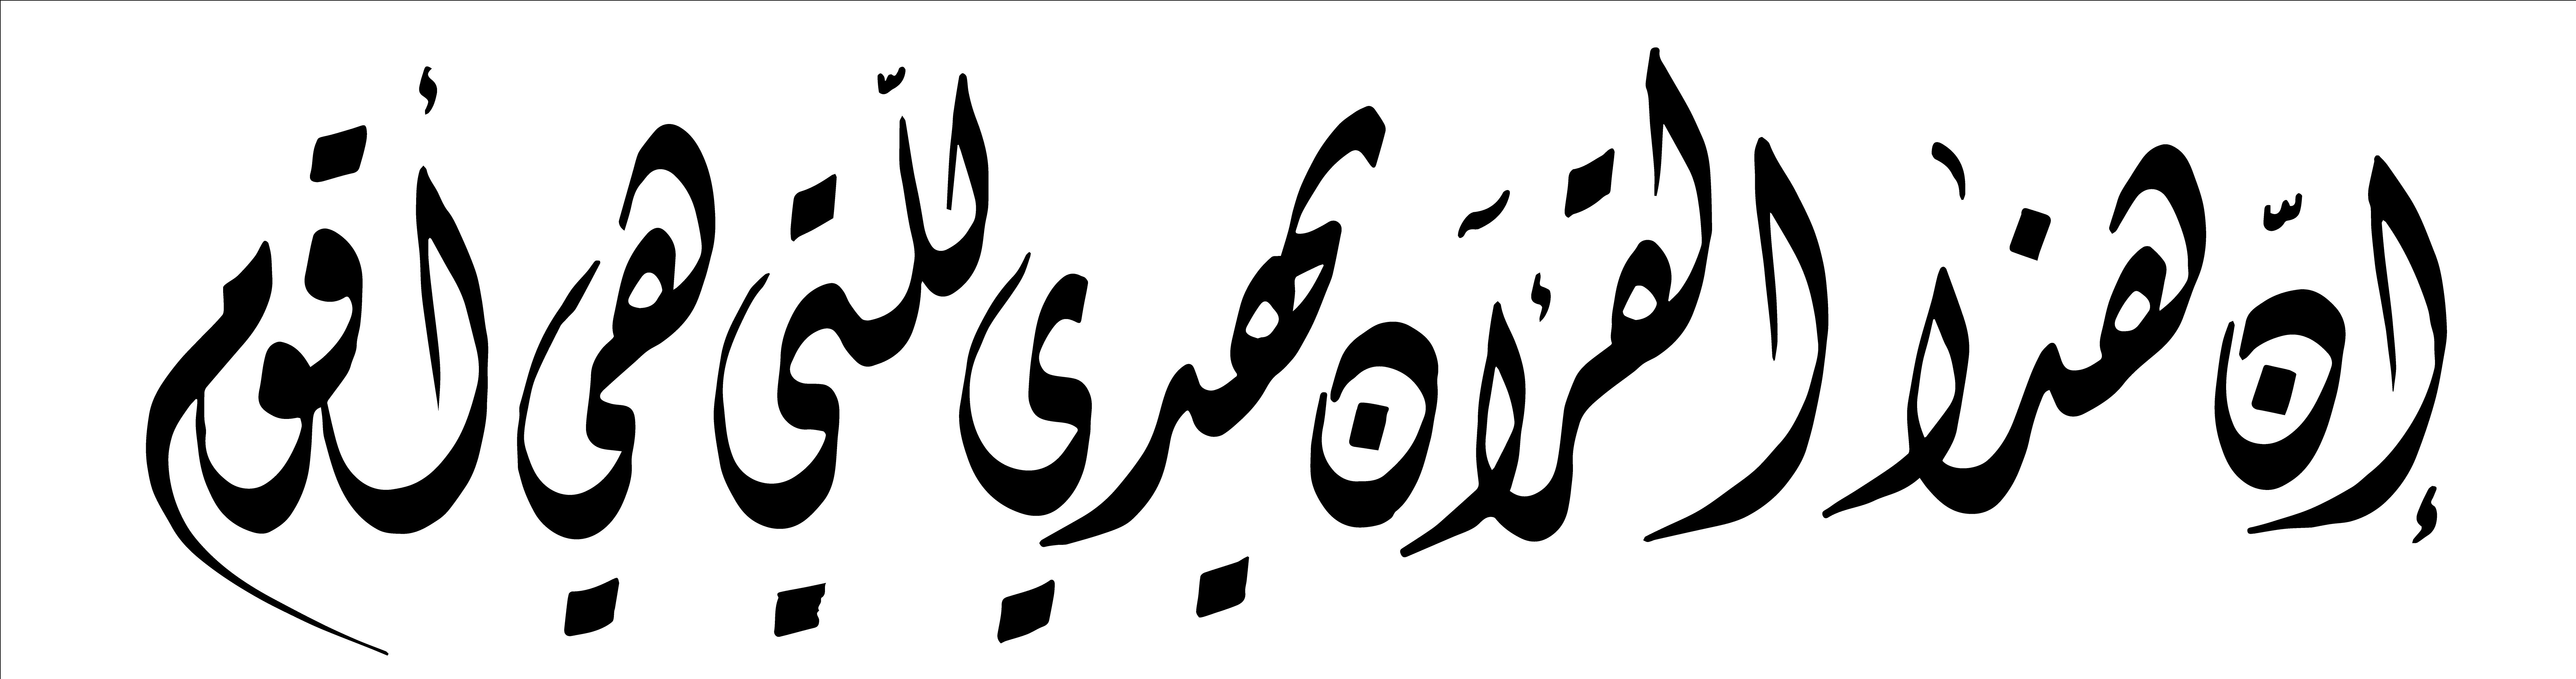 الخطوط العربية pdf